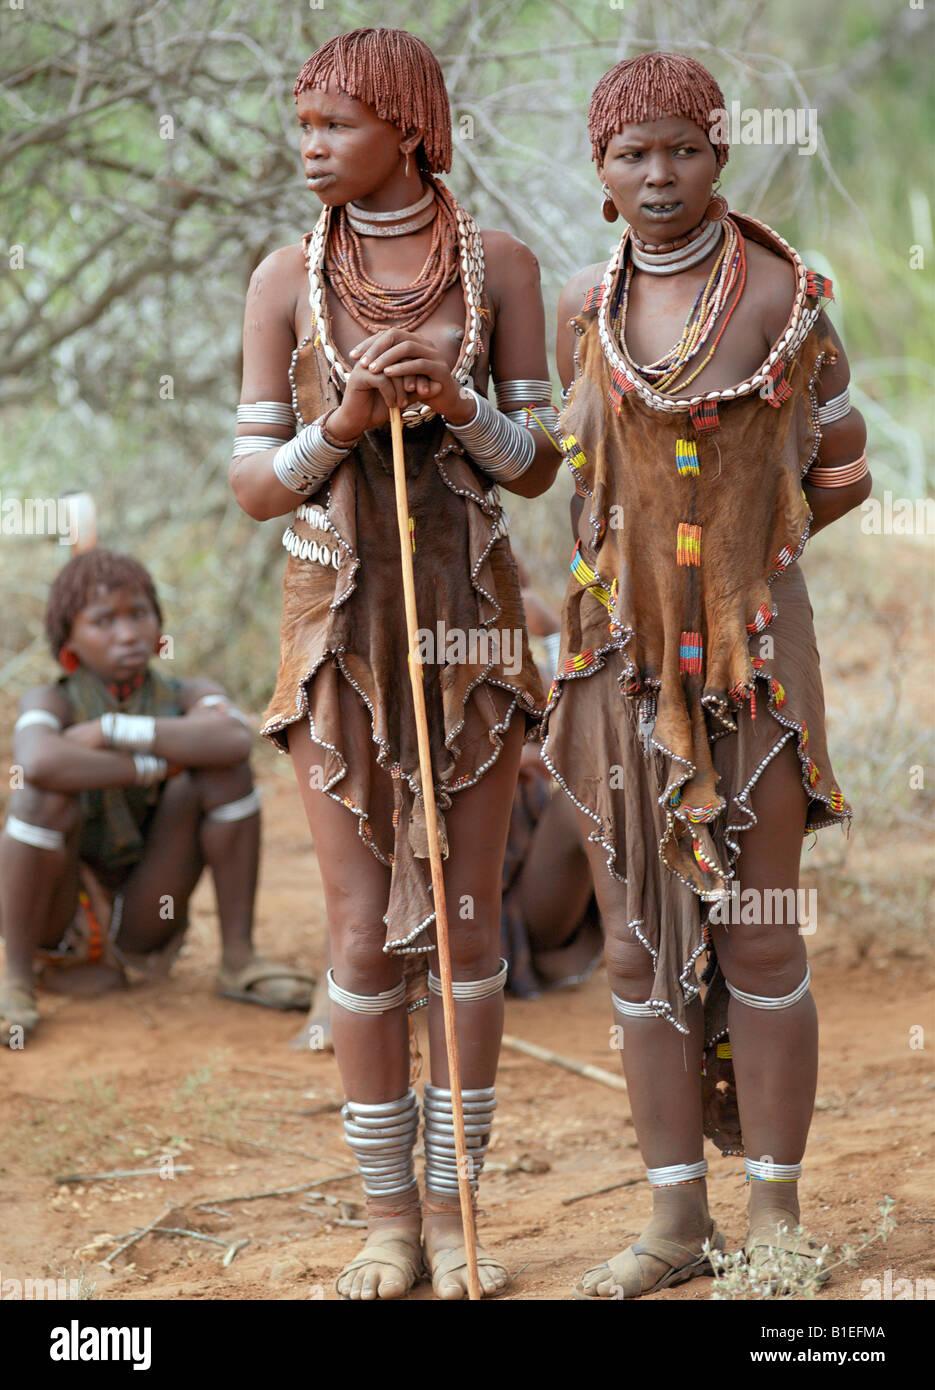 Les femmes Hamar assister à un saut de la 'Bull' cérémonie. L'Hamar sont les pasteurs semi-nomades du sud-ouest Banque D'Images